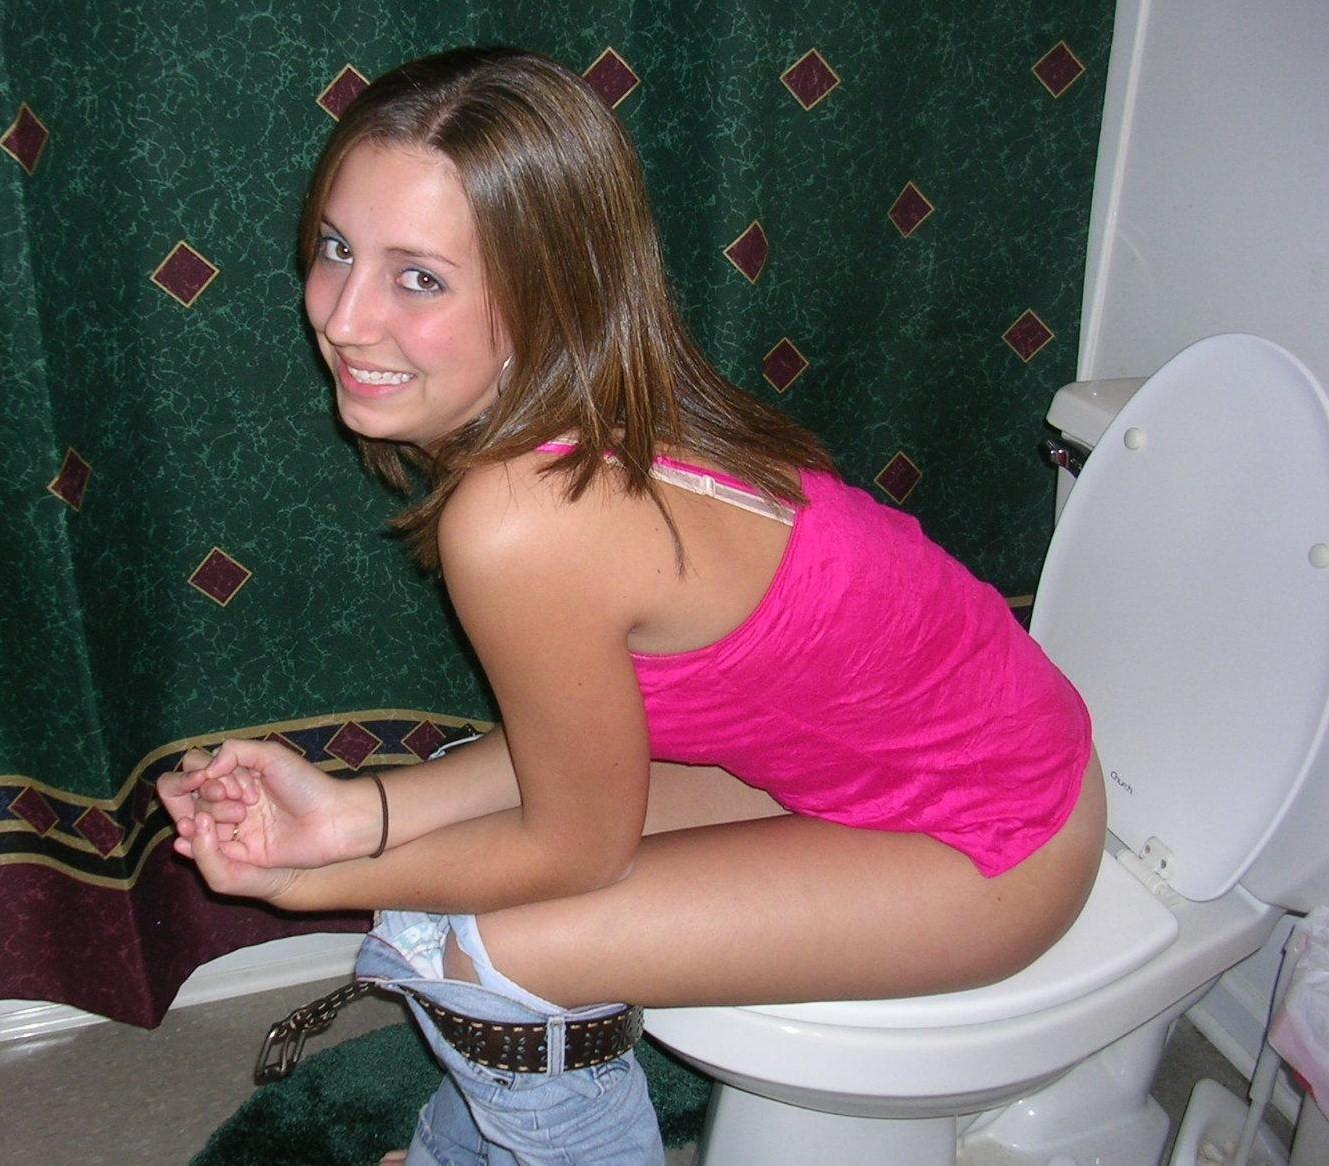 Смотреть бесплатно девушки писают в туалетах 23 фотография